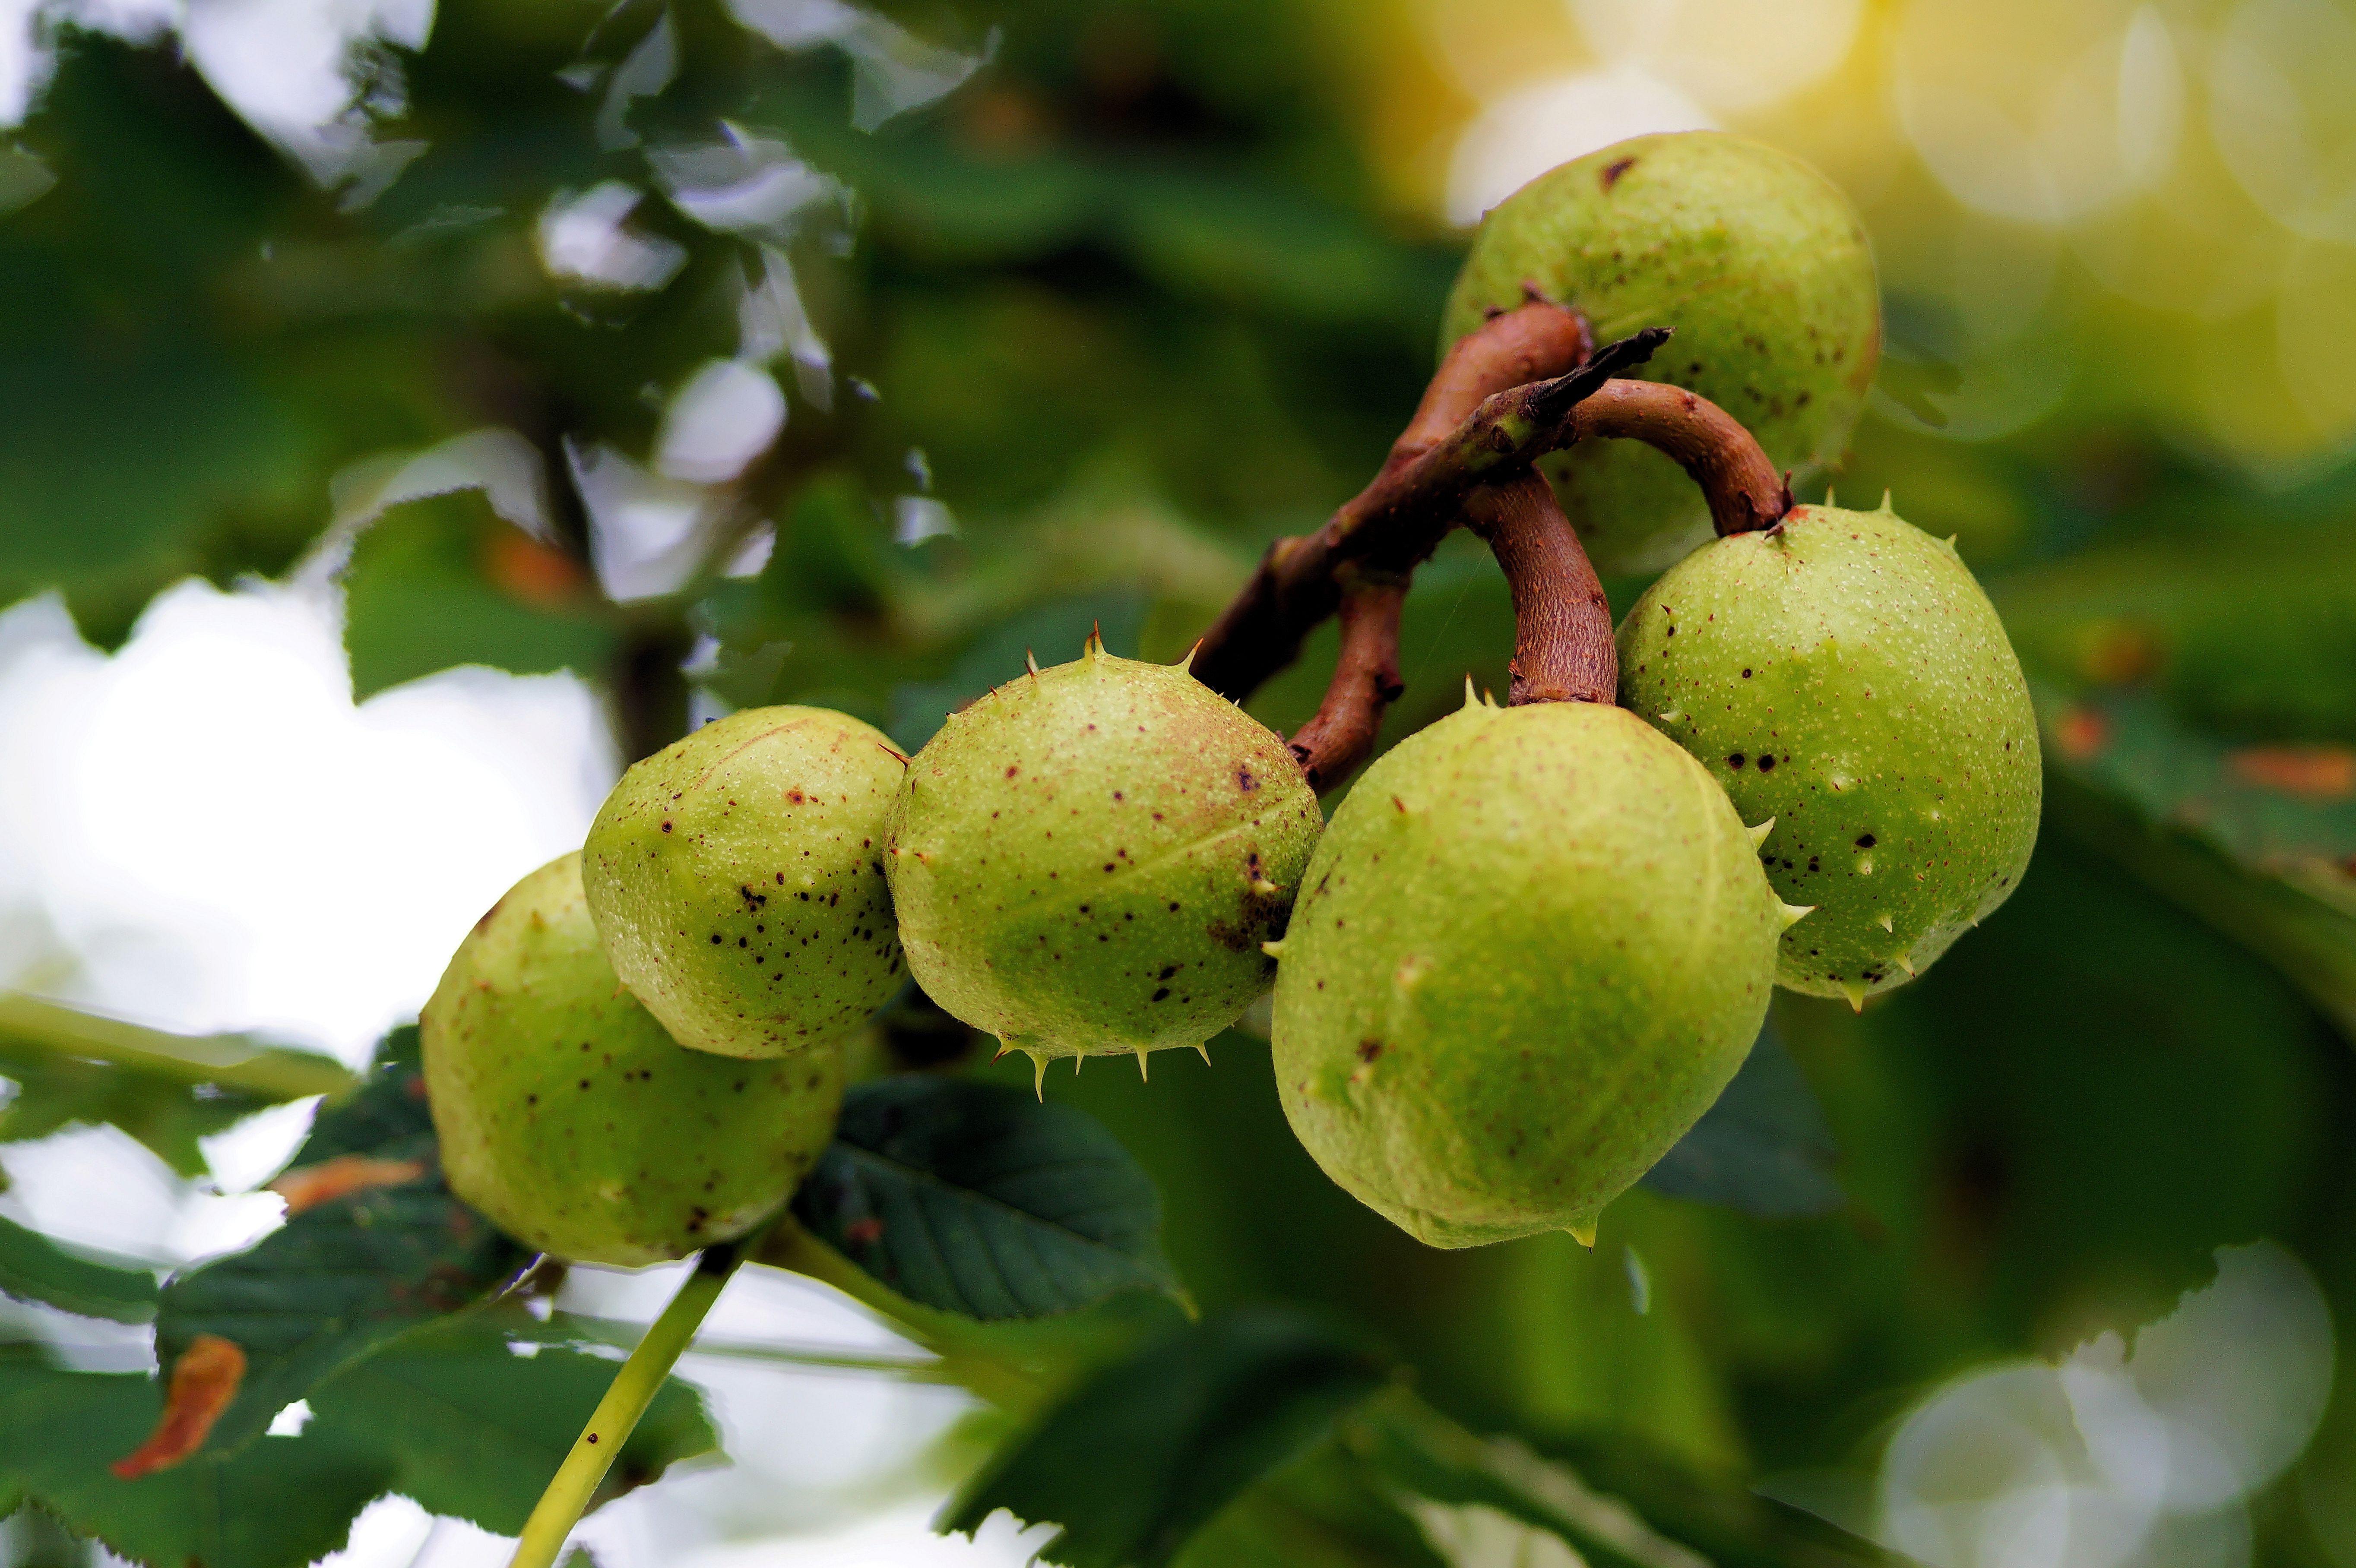 Fotos gratis rbol rama flor fruta hoja verano for Arboles para plantar en verano